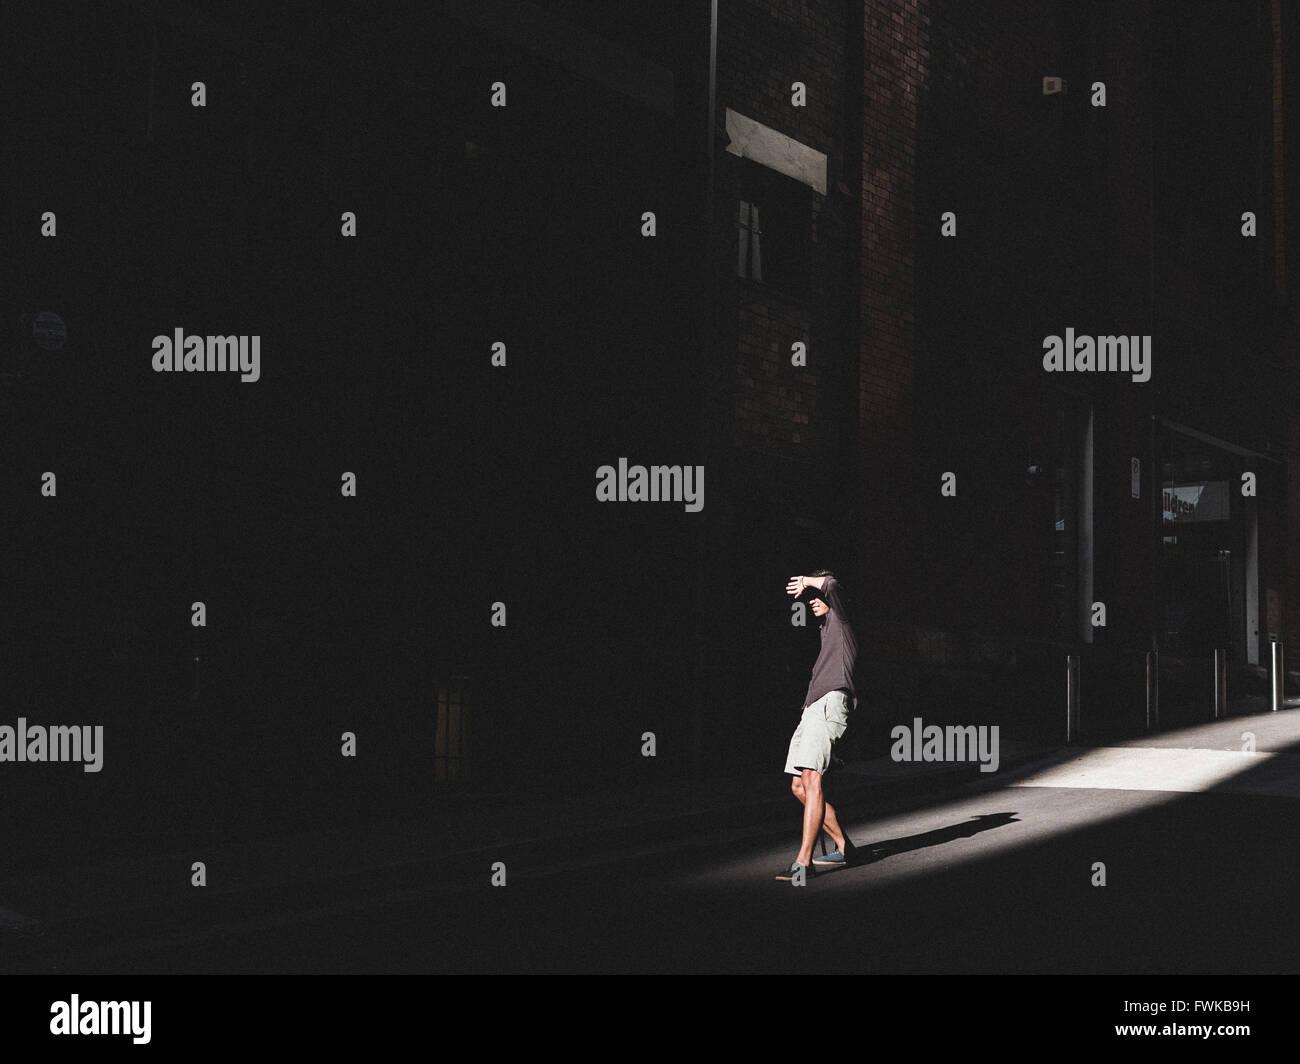 La longitud total del hombre de pie en la calle contra la construcción Imagen De Stock